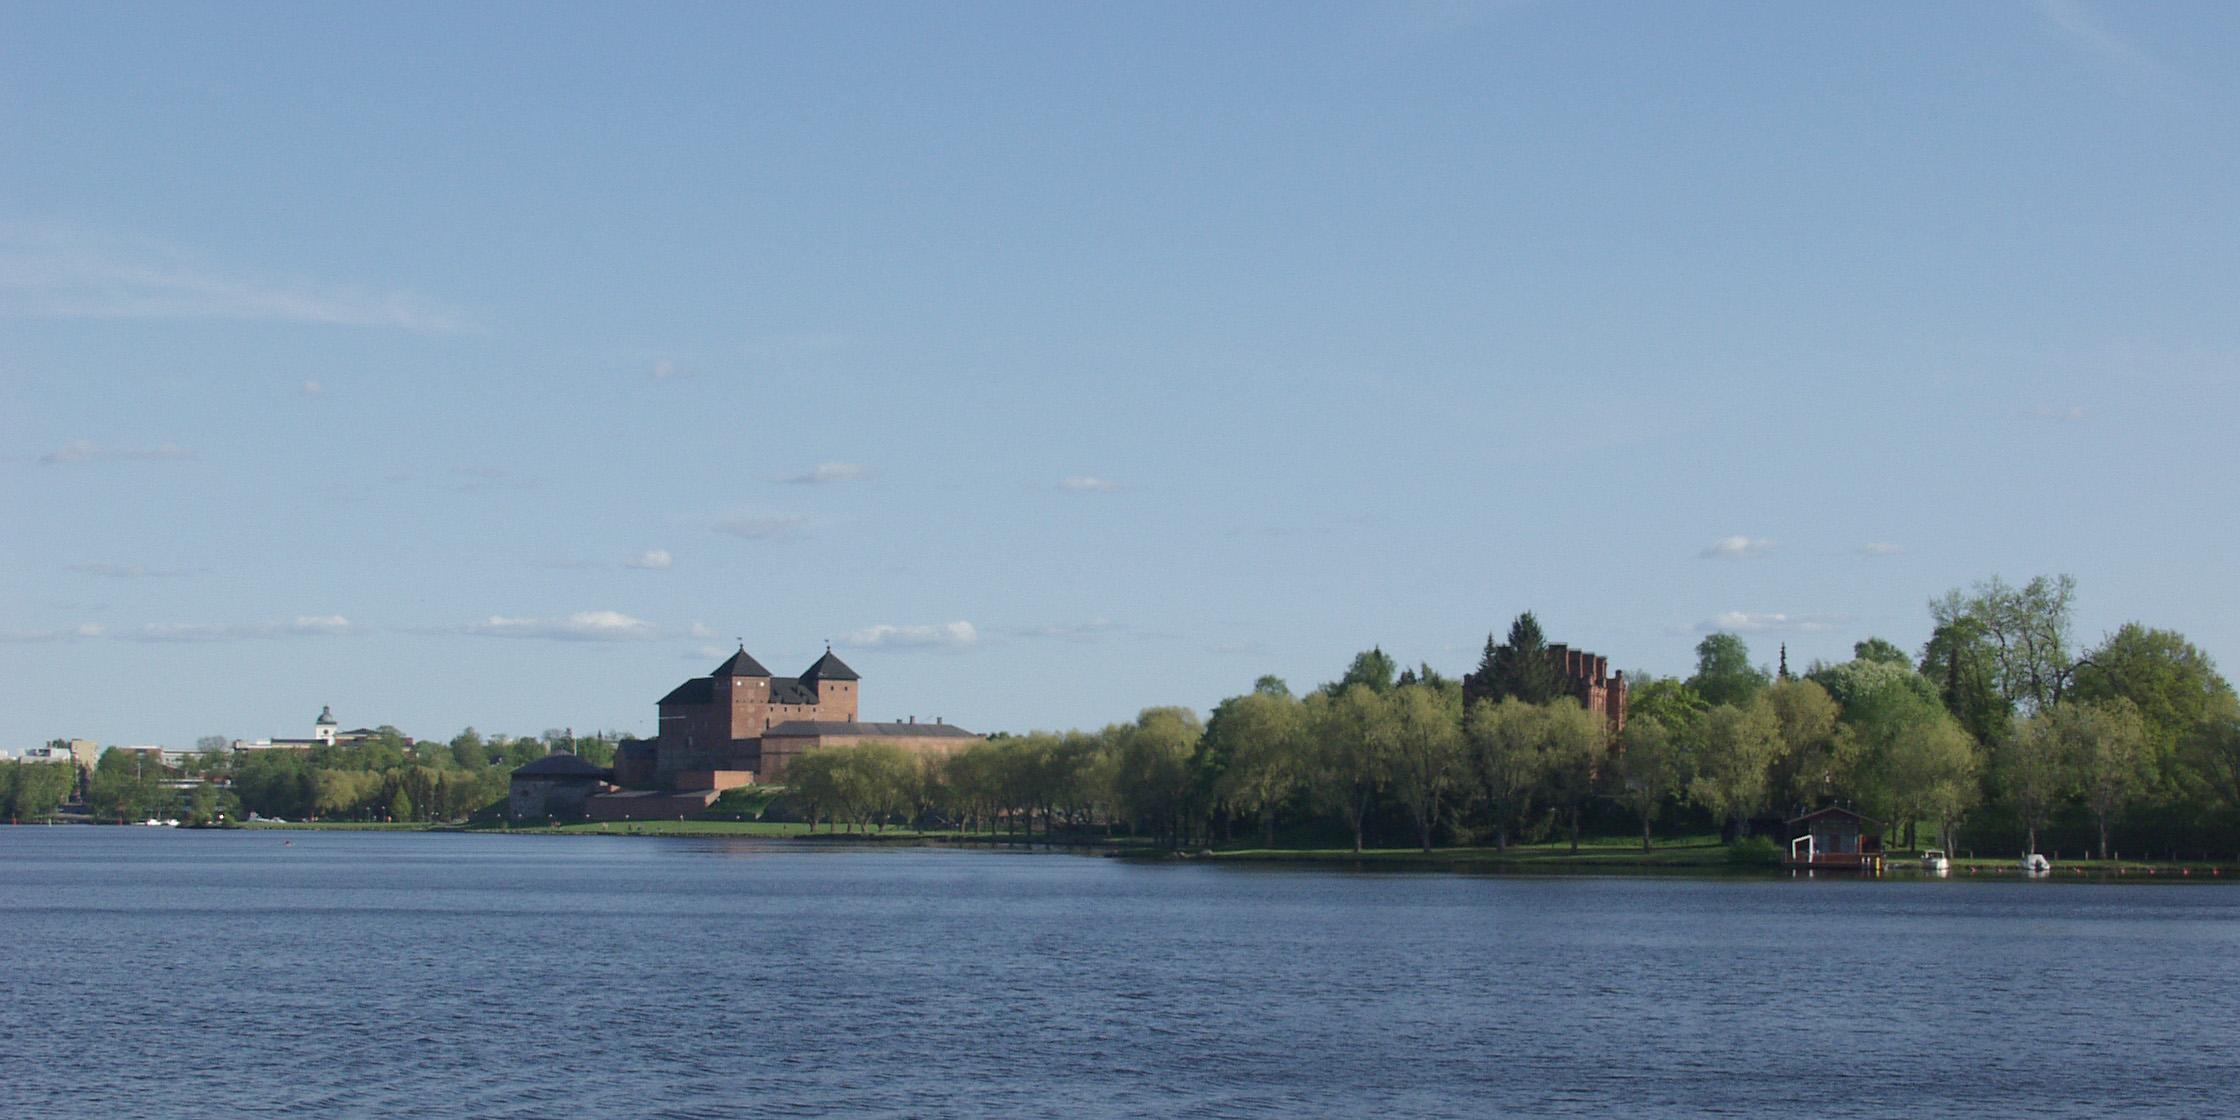 Kesäinen rantasiluetti Vanajaveden yli, jossa näkyy hämeen keskiaikainen linna ja sen lähiympäristöä sekä kaupungin keskustan rakennuksista kohoava kirkon torni.